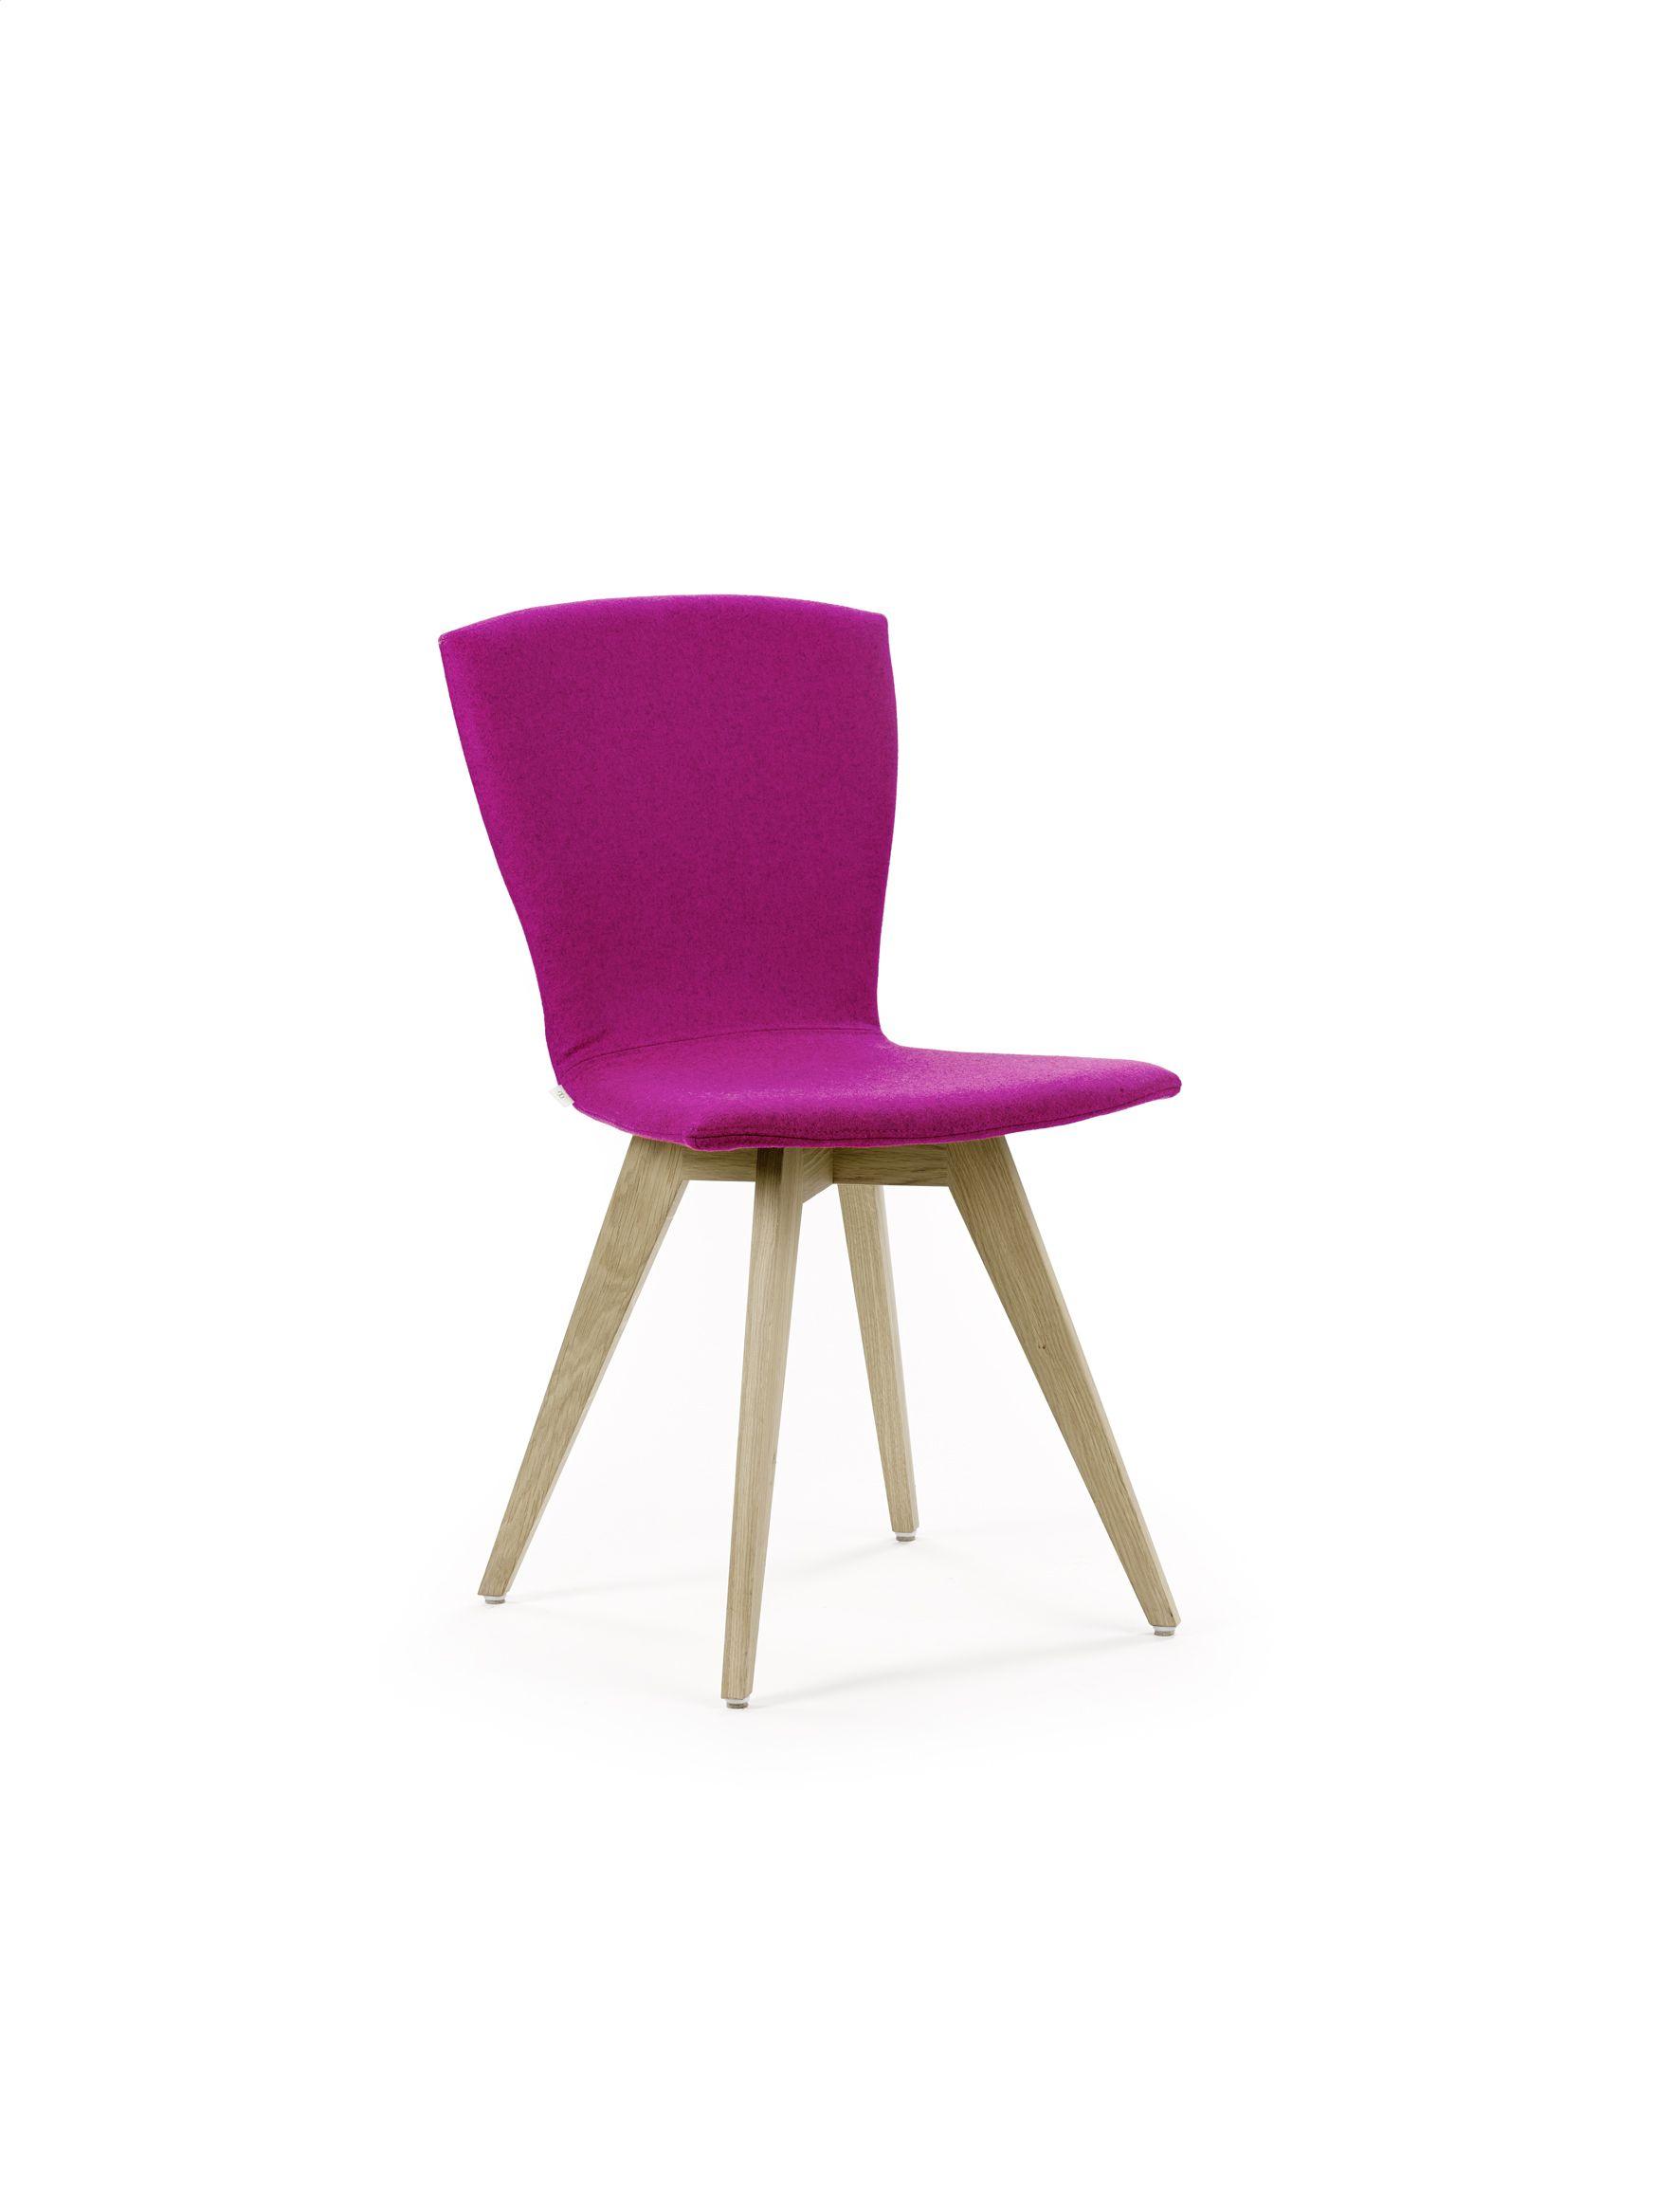 Moods by Mobitec @ Top Interieur | Eetkamers, kasten, (salon)tafels ...